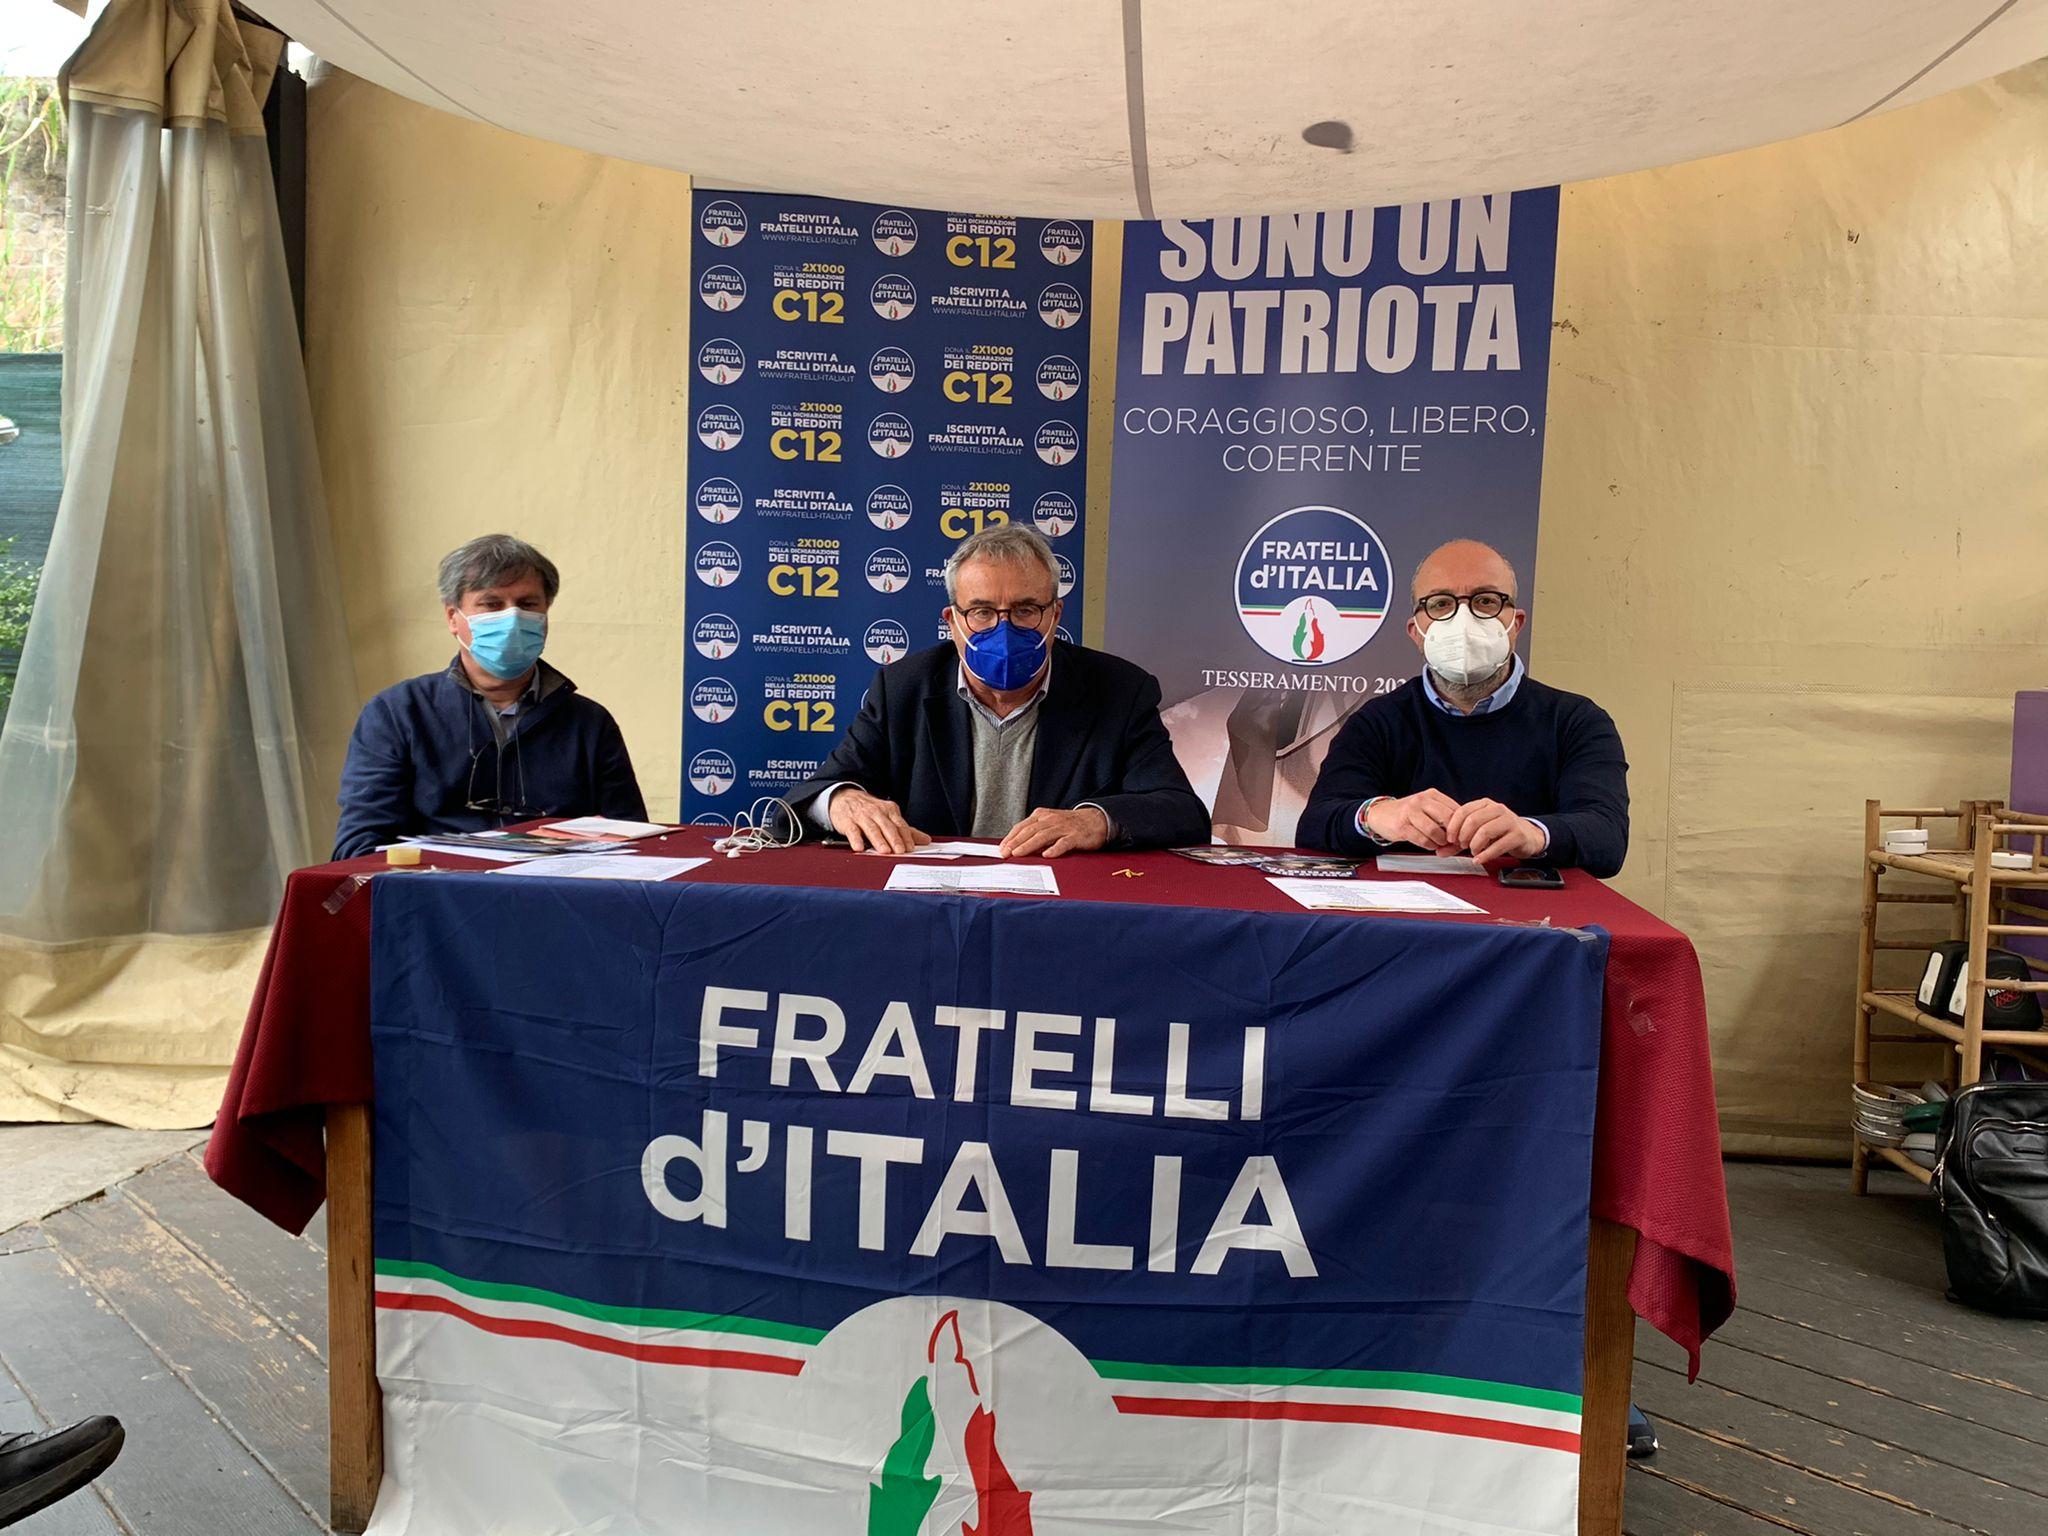 PER ISCRIVERSI A FRATELLI D'ITALIA NASCE IL GAZEBO DIGITALE